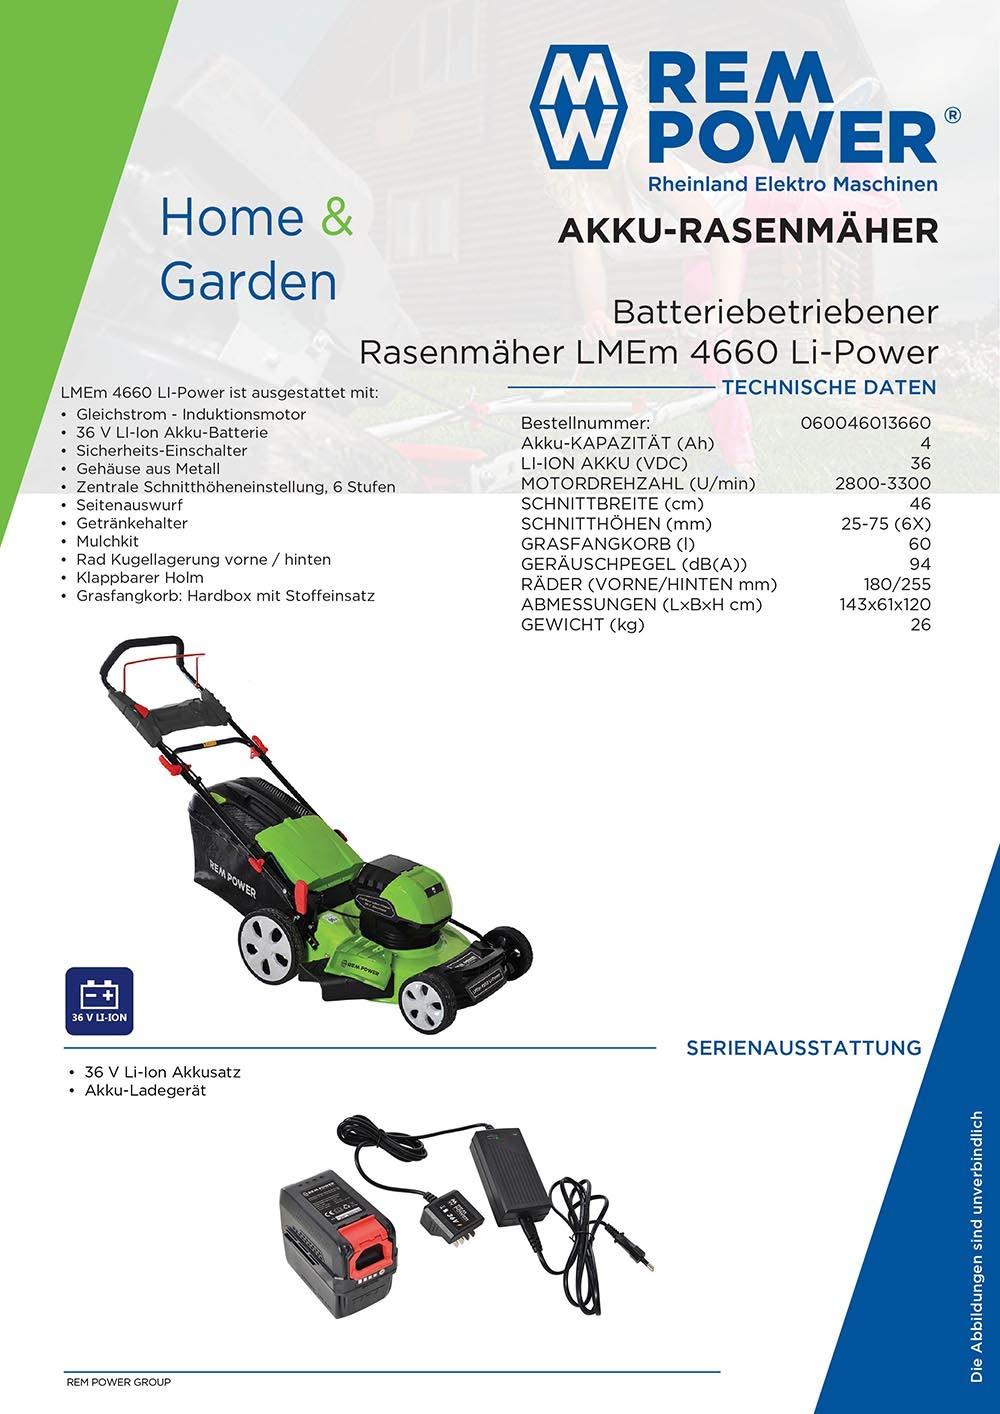 REM-POWER-Rasenmher-LMEm-4660-Li-Power-Schnittbreite-46-cm-Schnitthhe-25-75-mit-Akku-und-Ladegert-LMEm